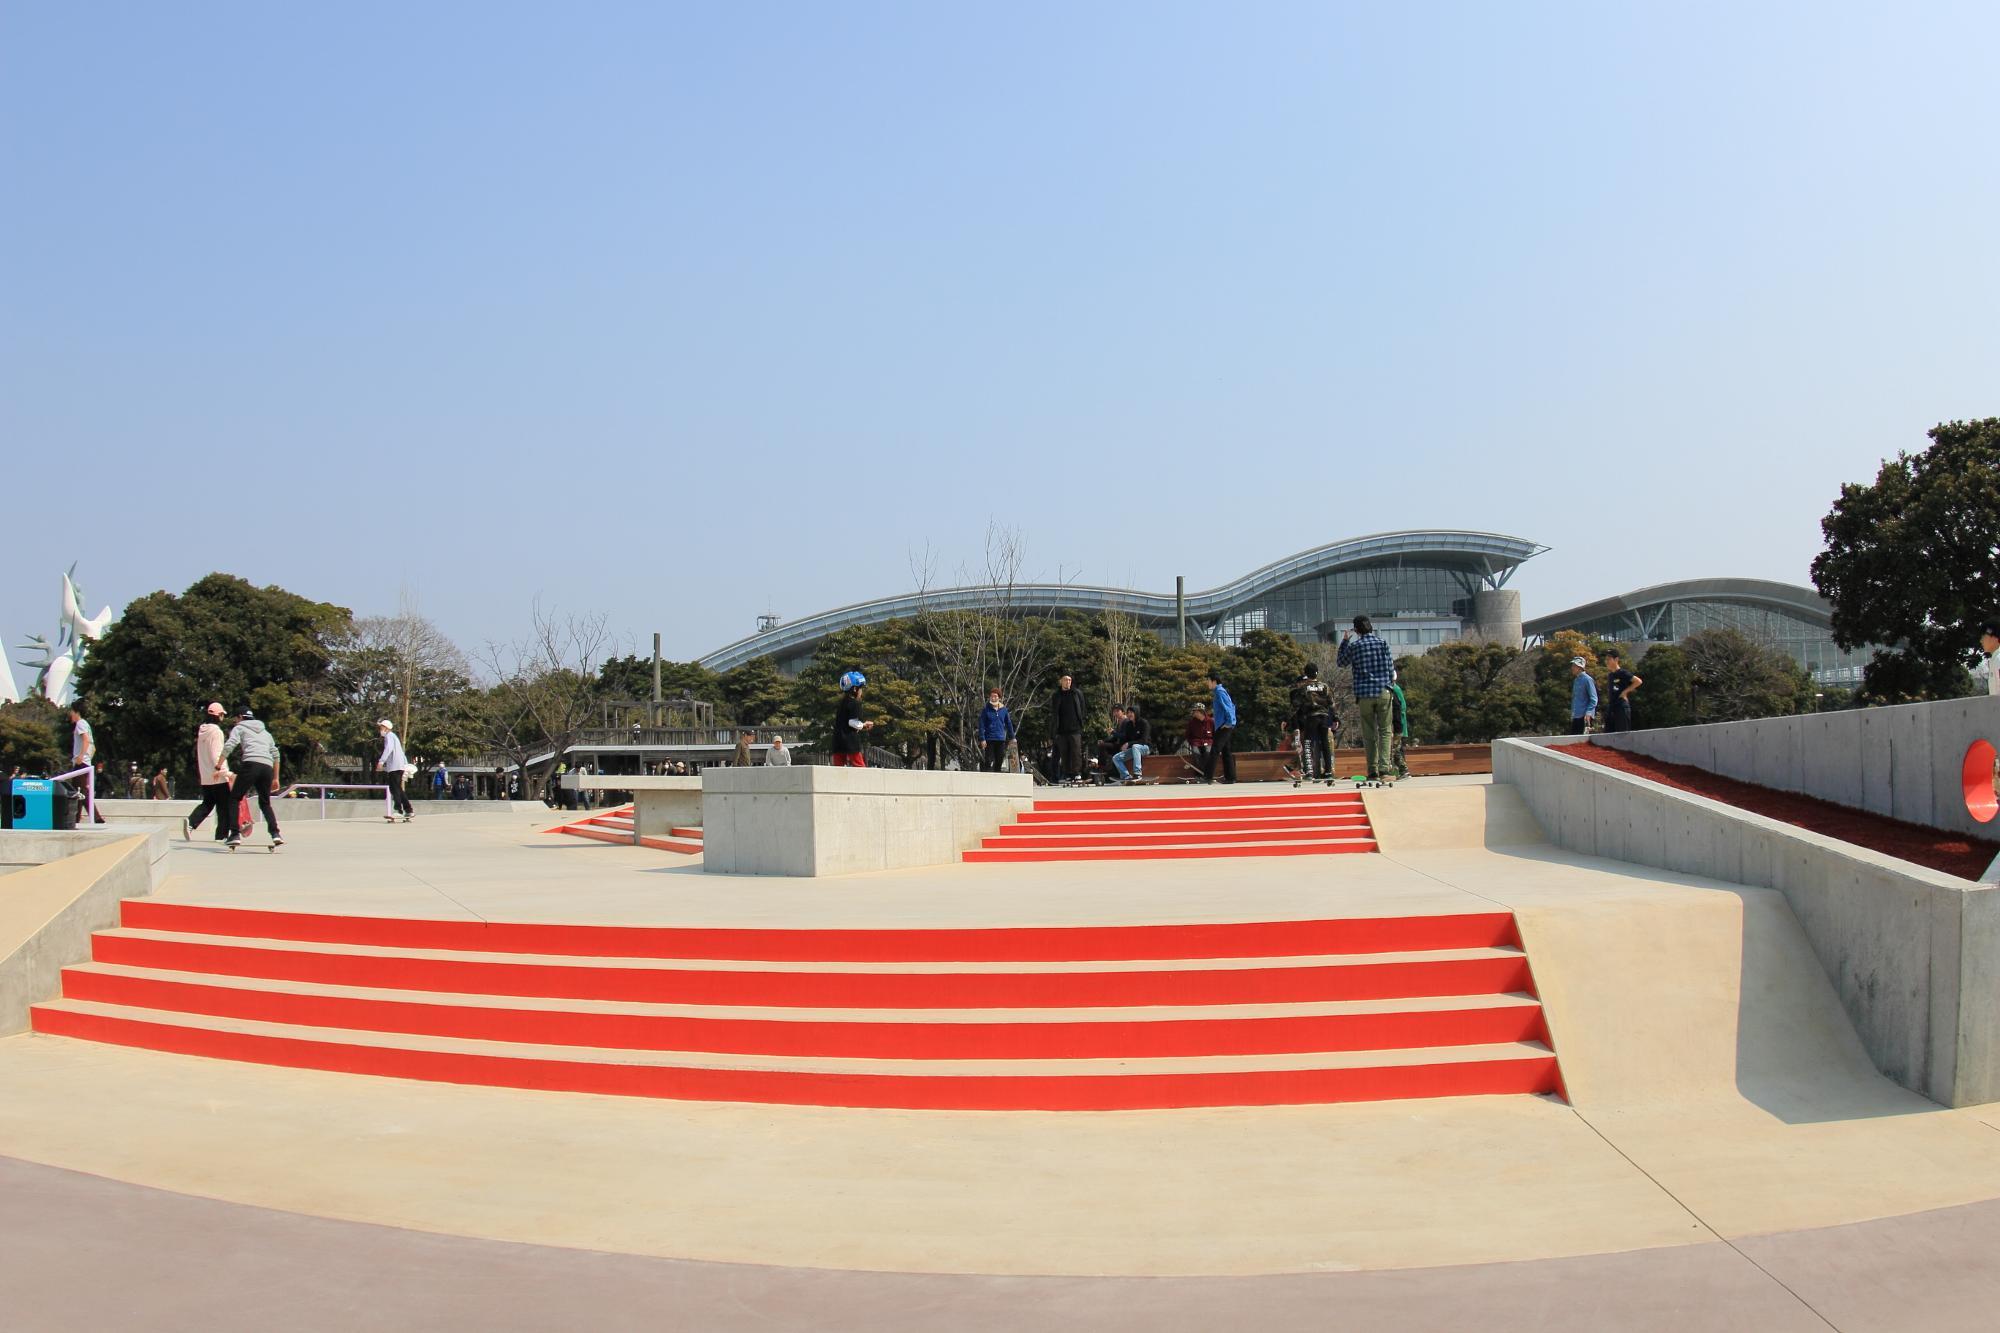 ストリートスケートボードパーク 階段や縁石が設置されていてこれらを使って様々なトリックを行います